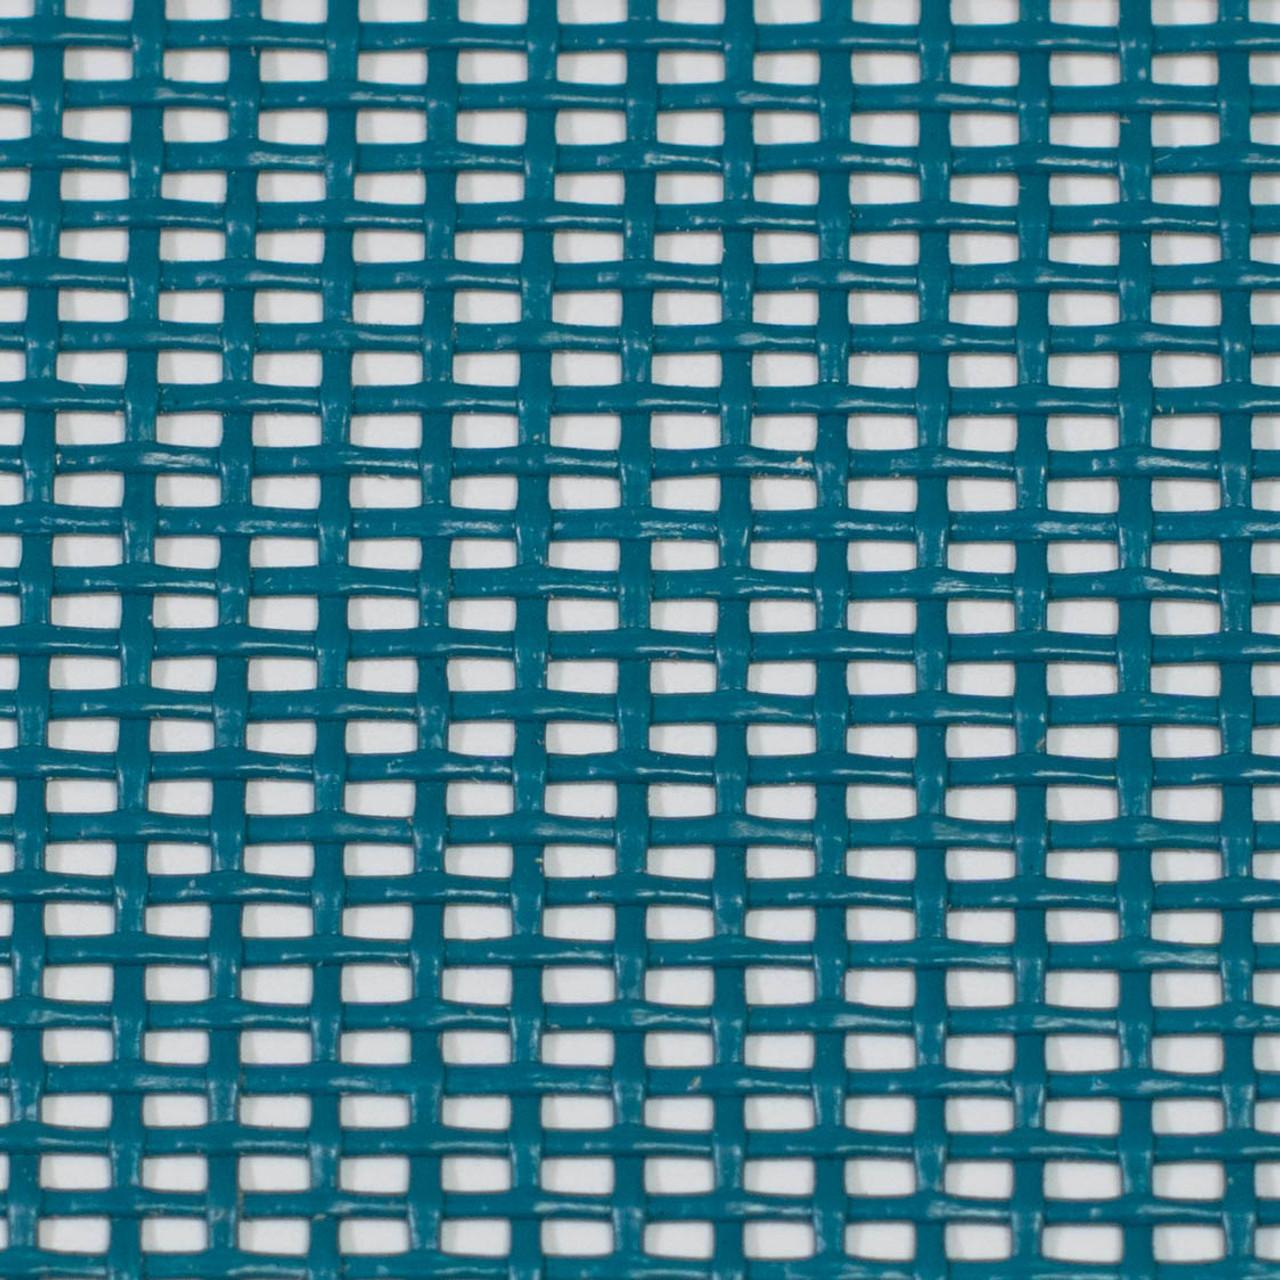 Mayan Teal Pet Screen 54 Inch x 100 Ft